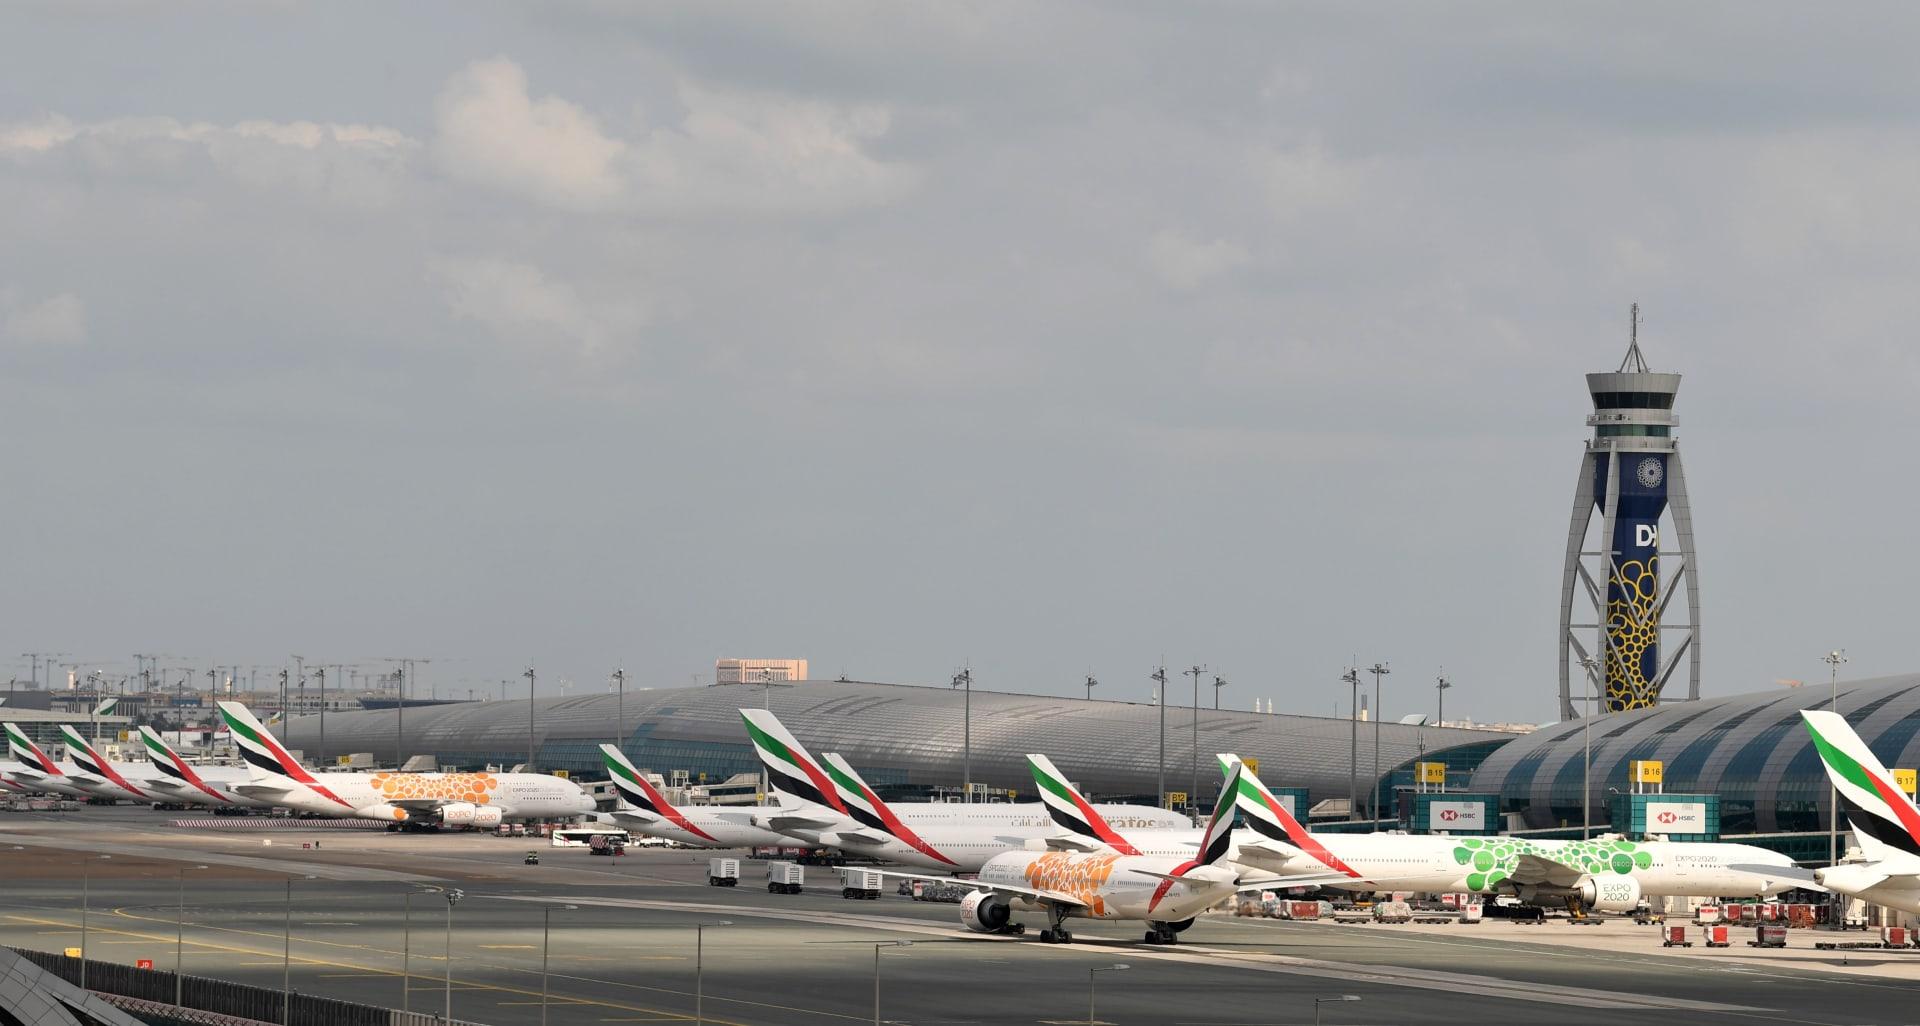 دبي تستضيف المسافرين العالقين بالإمارات بسبب فيروس كورونا المستجد